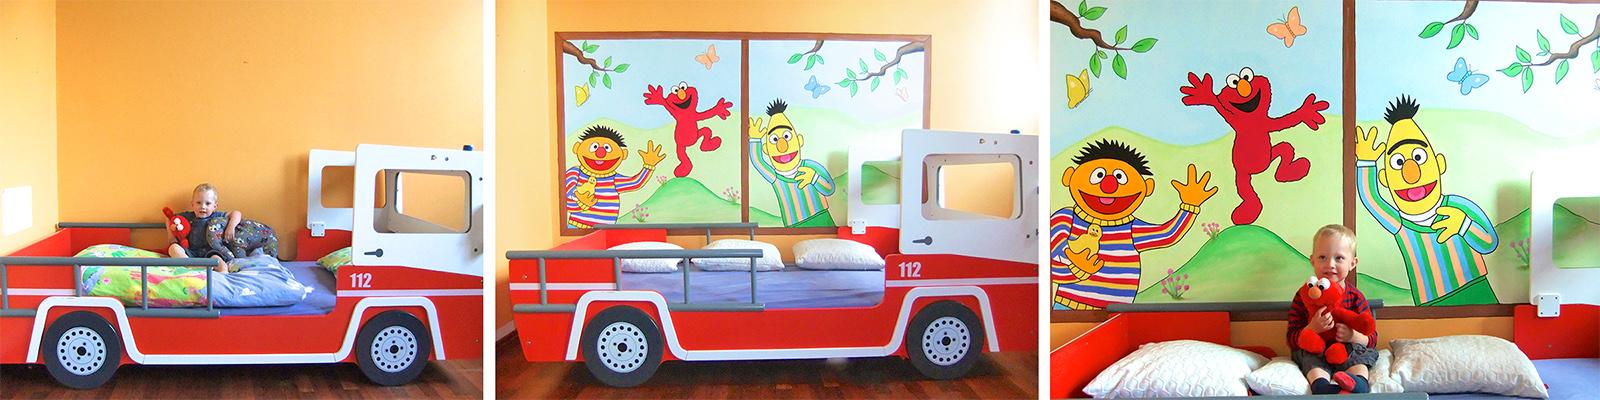 wandbemalung und wandgemlde fr kinderzimmer sweetwall - Wandbemalung Kinderzimmer